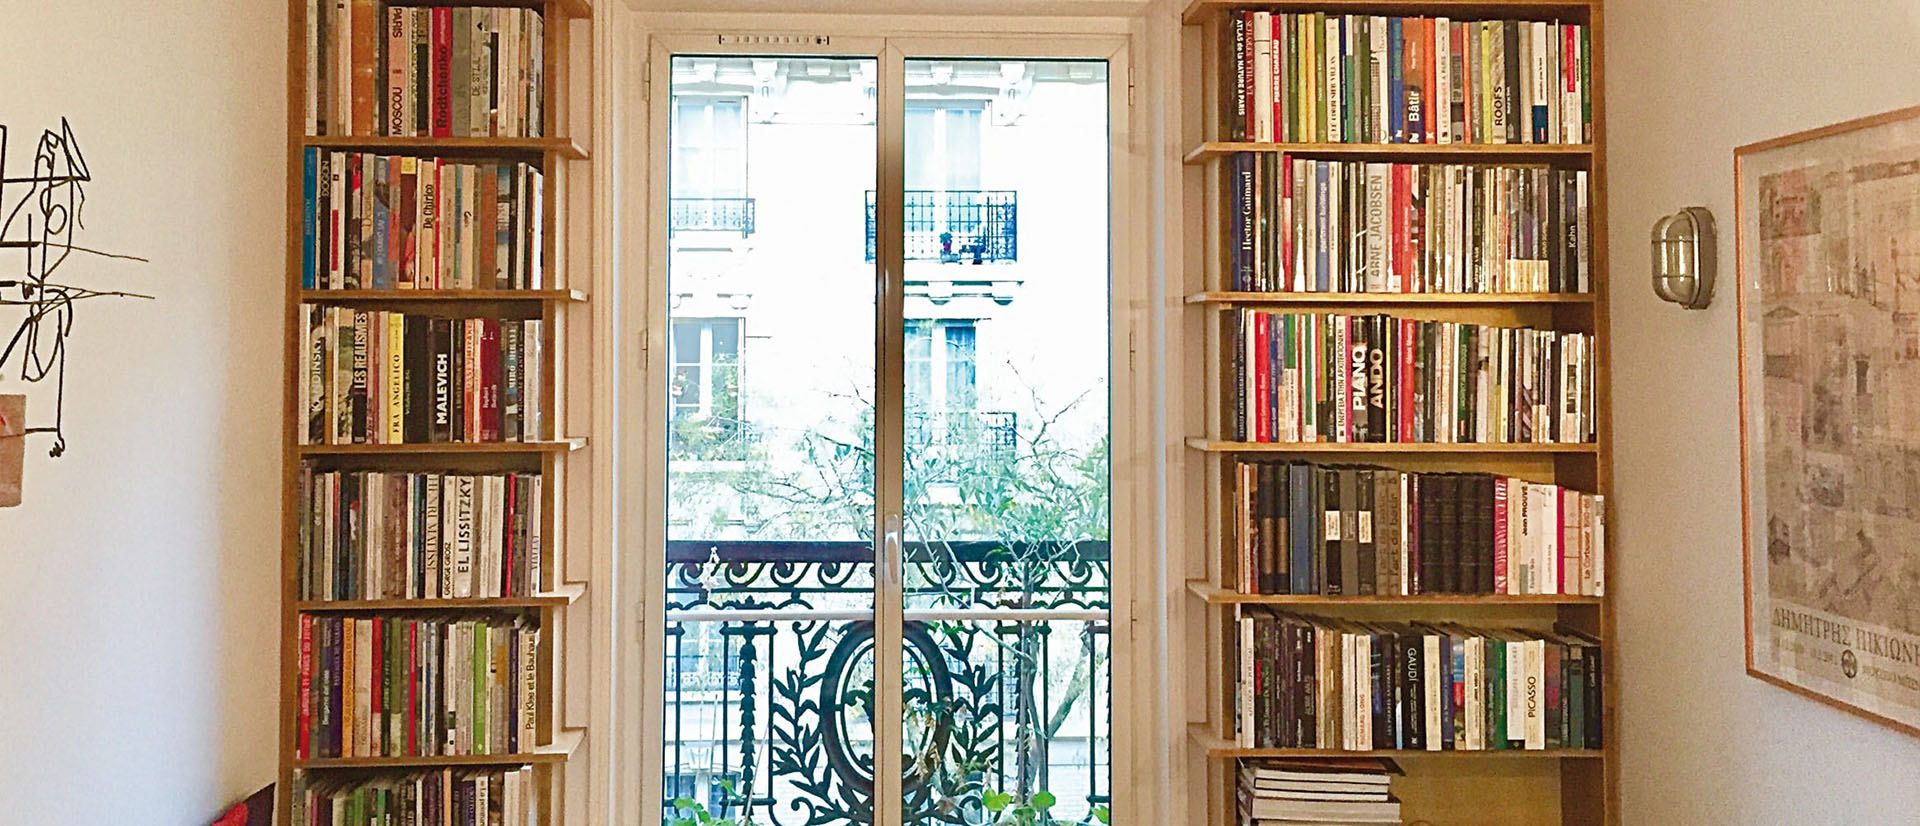 Caracteristique D Un Immeuble Haussmannien fabrication de bibliothèque sur-mesure pour maison d